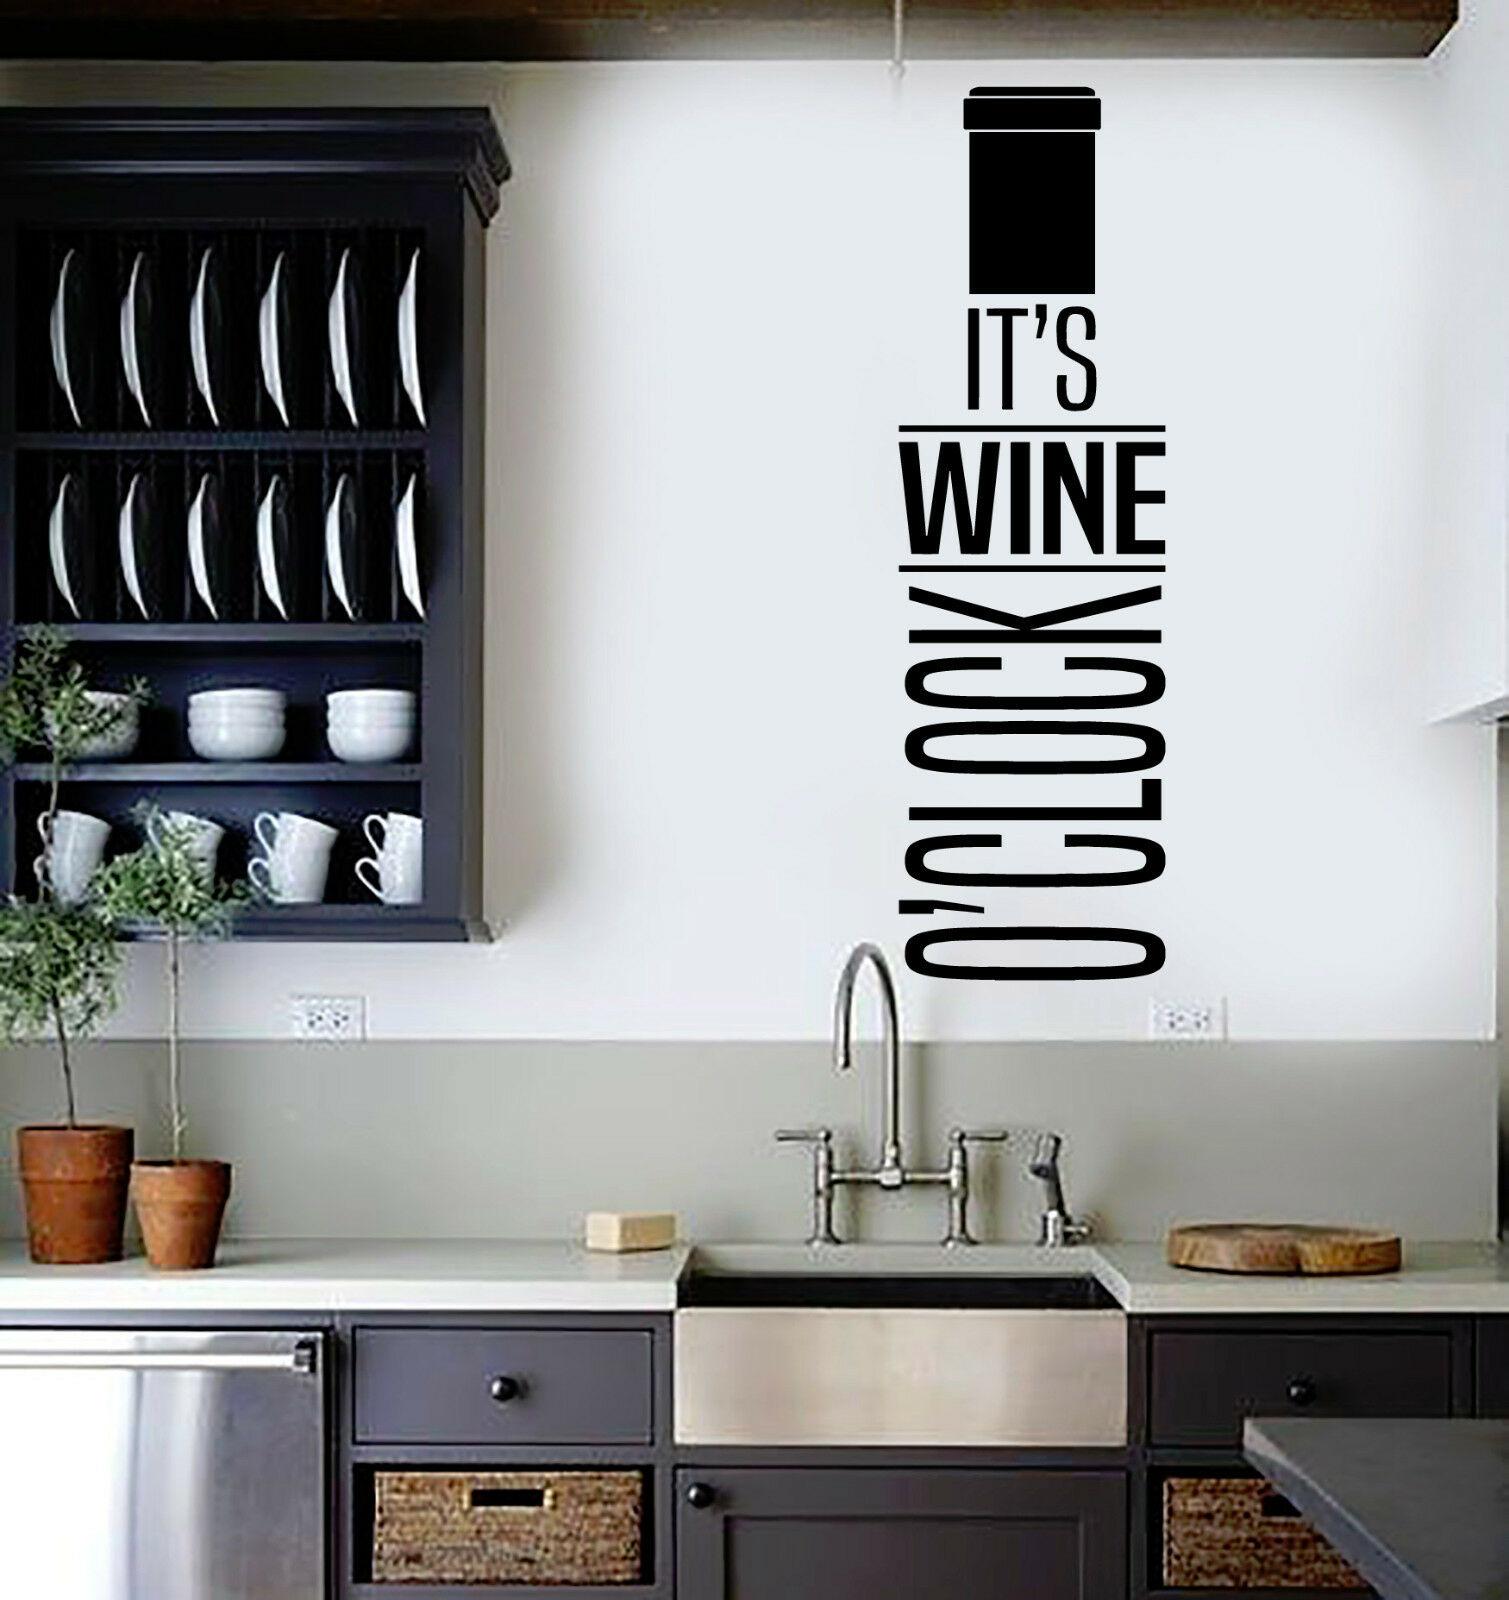 vin wone bouteille citation stickers muraux bar restaurant decor cuisine stickers muraux mural amovible chambre decoration accessoires z101